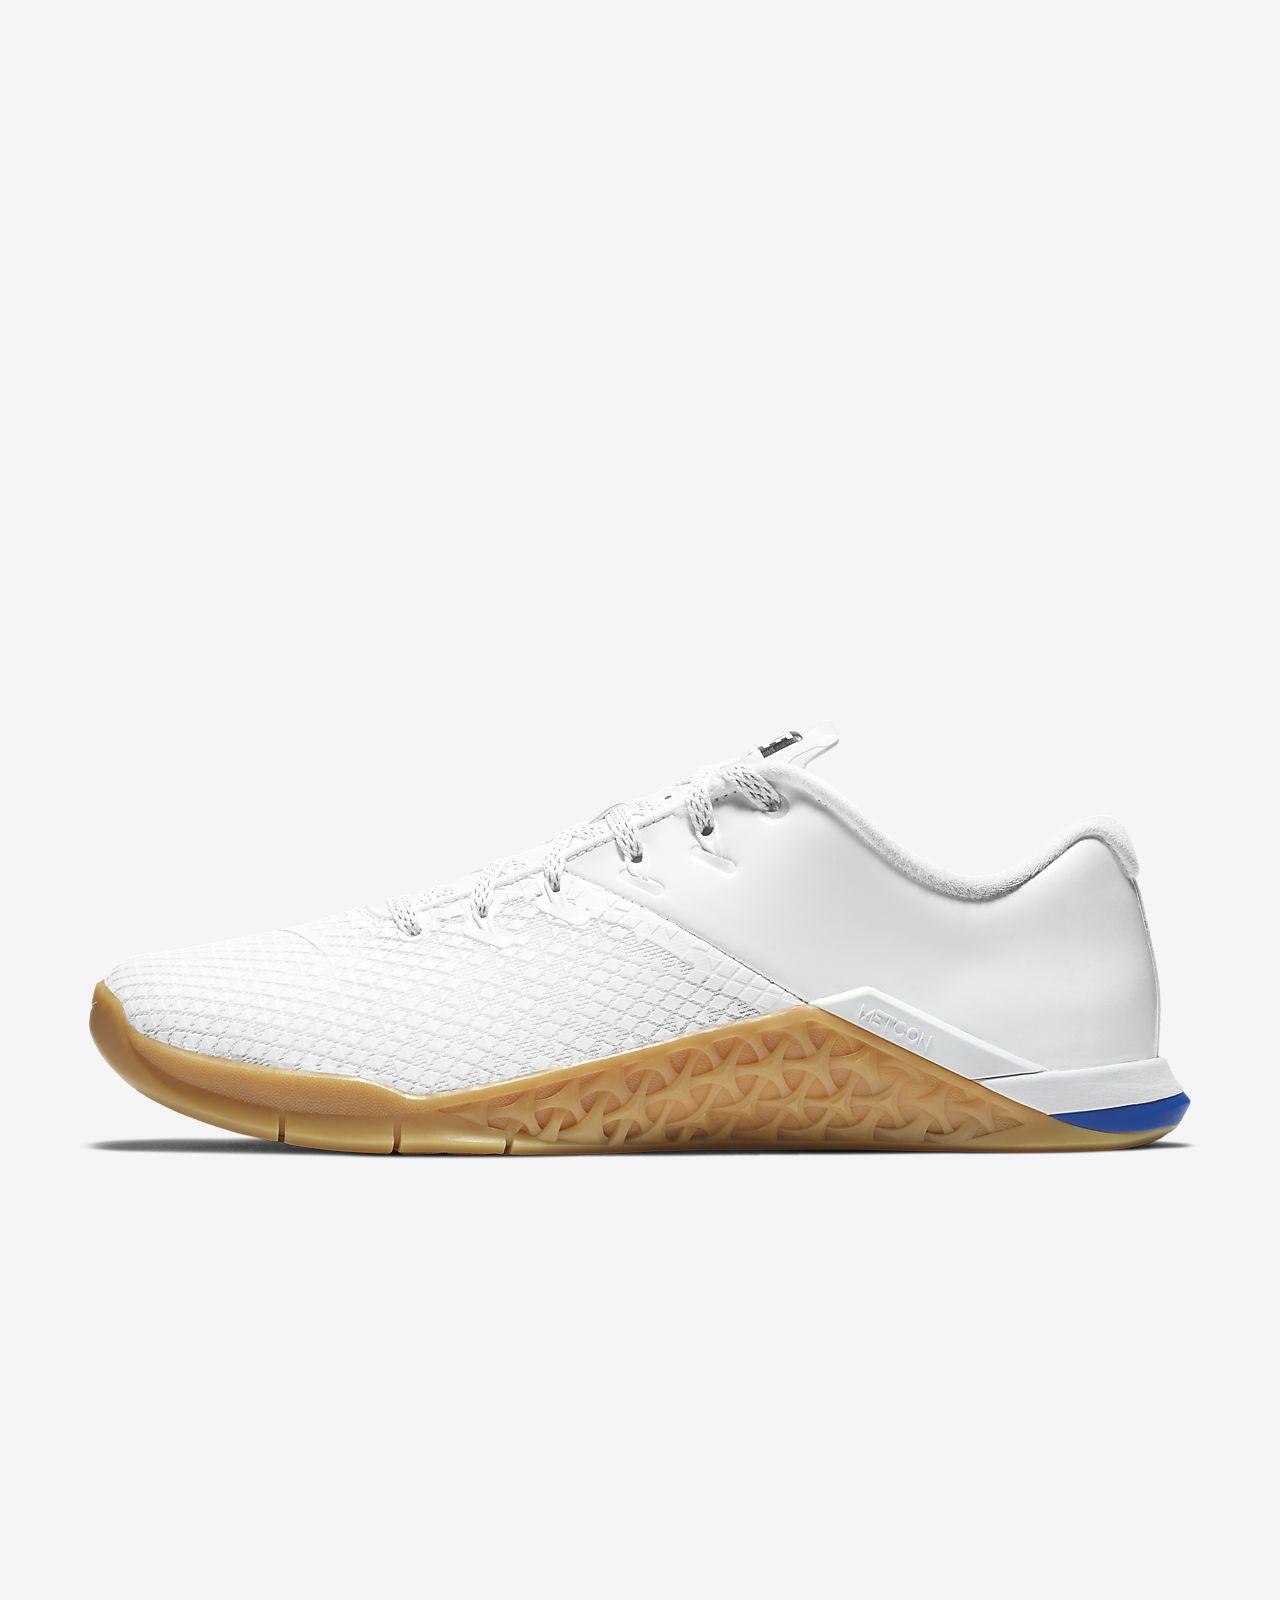 5d9e18dc19cf7 Men's Cross-Training/Weightlifting Shoe. Nike Metcon 4 XD X Whiteboard